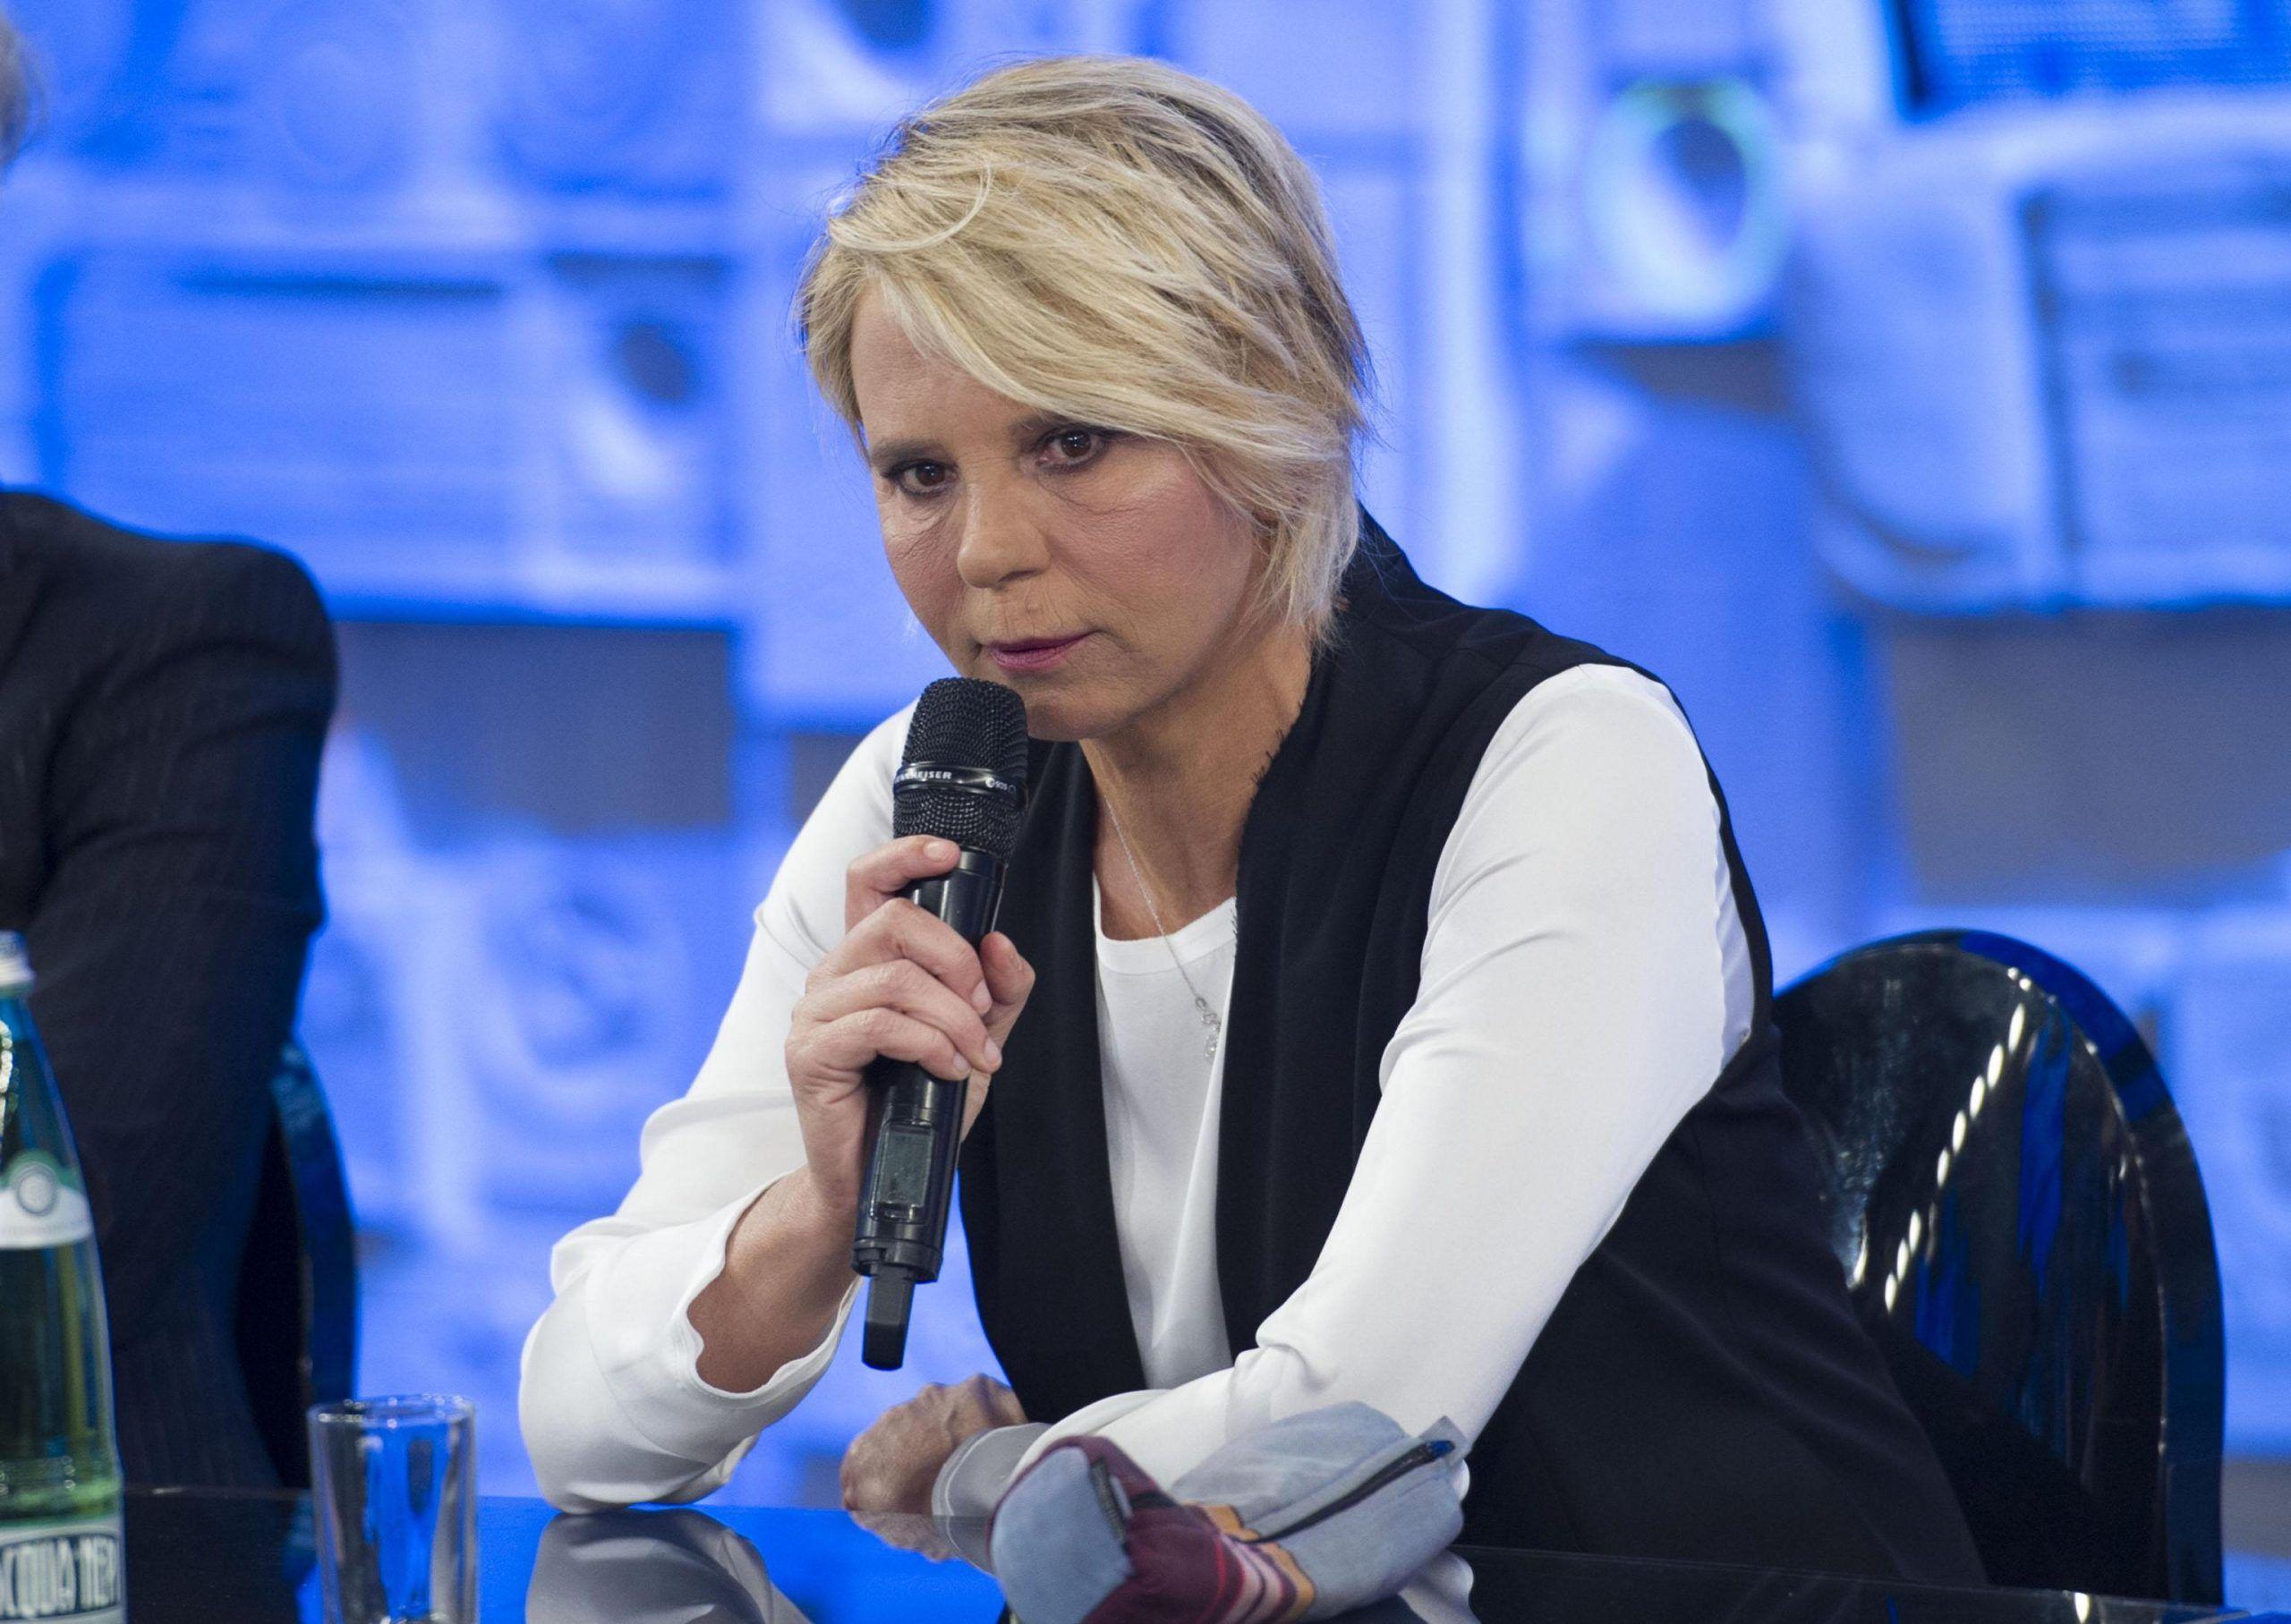 Maria De Filippi: 'Gemma Galgani? È un fenomeno vero'